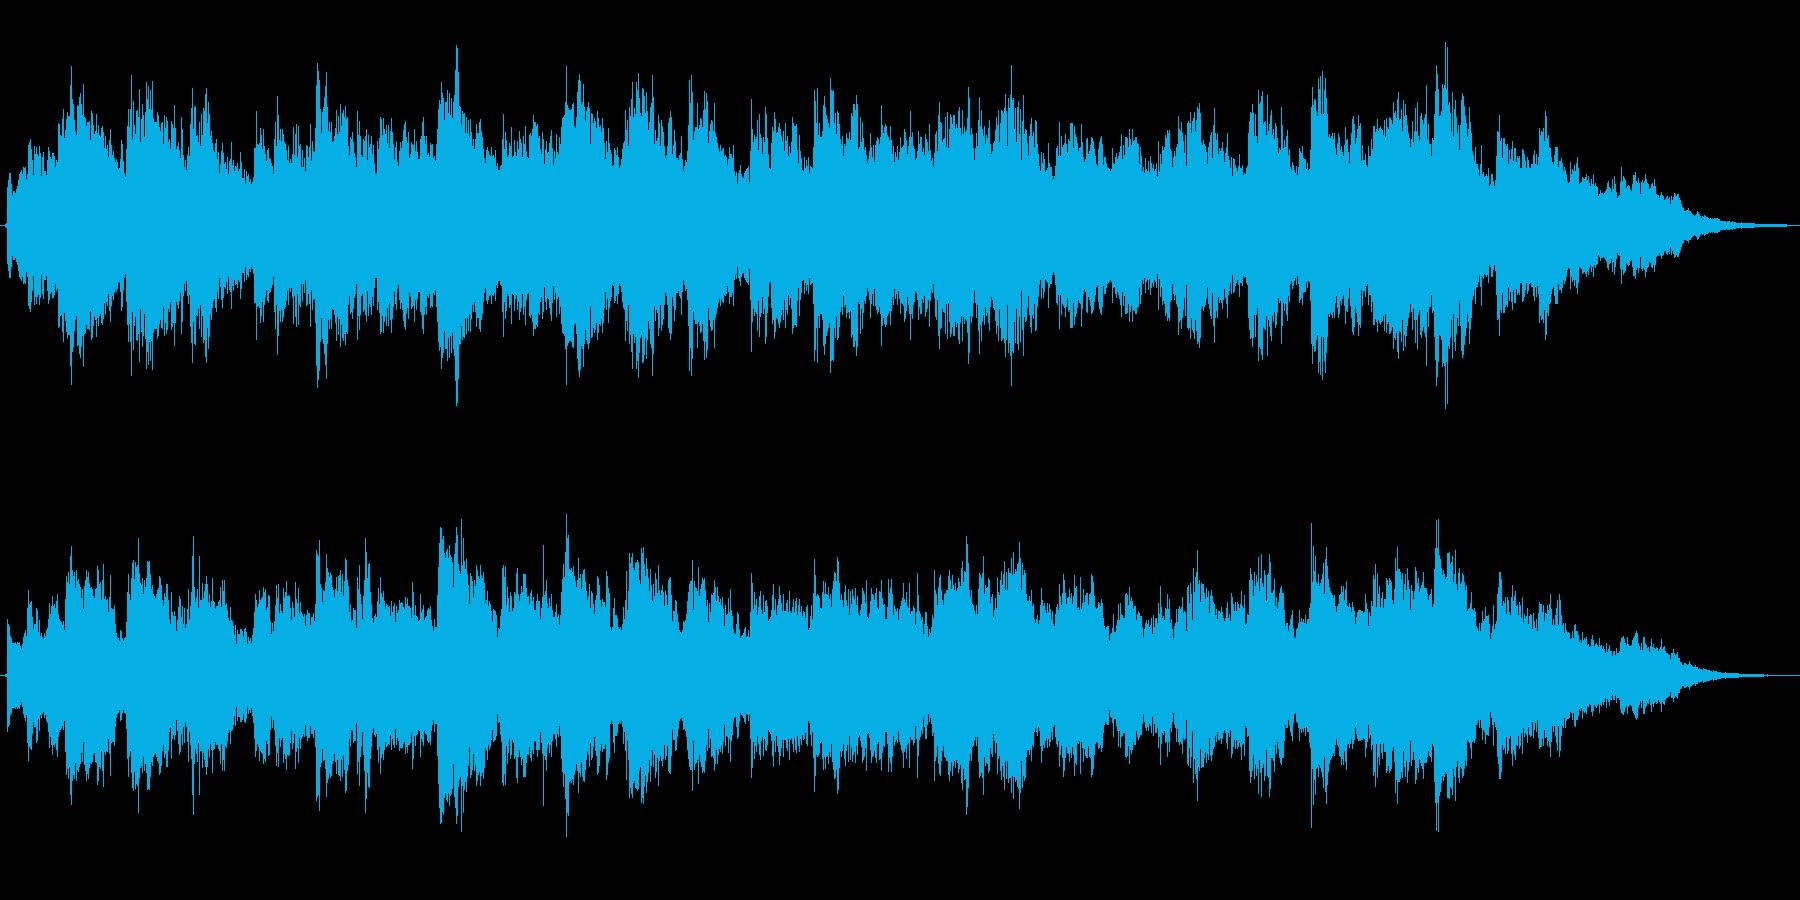 バイオリンの音色のほのぼのとしたジングルの再生済みの波形